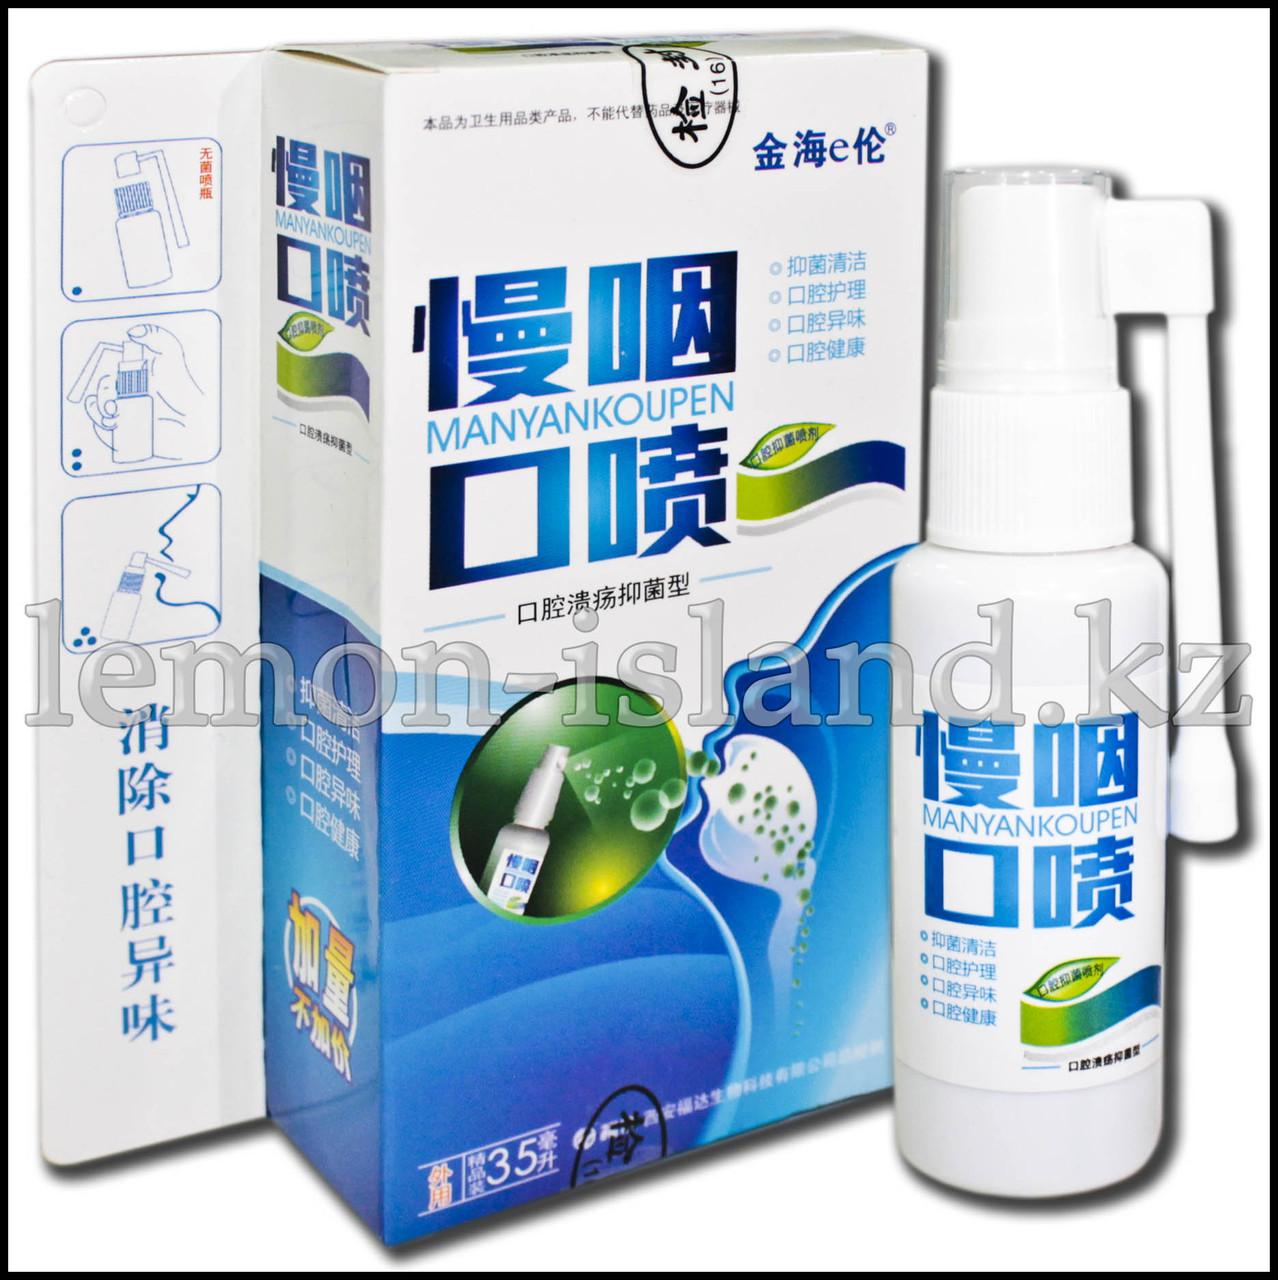 Спрей антибактериальный для горла и ротовой полости Manyankoupen.